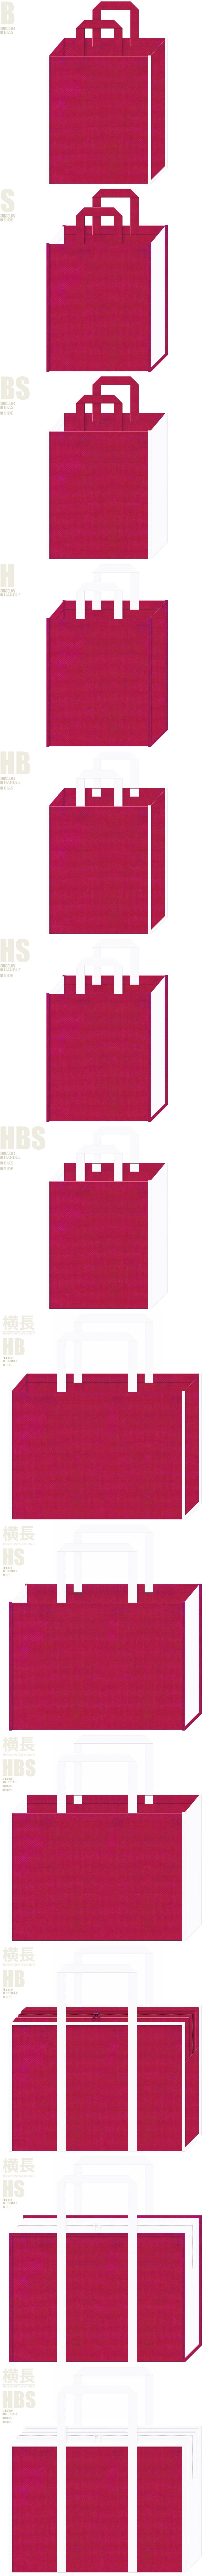 スポーツイベント・スポーツ用品・ロボット・病院・看護士研修・医療機器の展示会用バッグにお奨めの不織布バッグデザイン:濃いピンク色と白色の配色7パターン